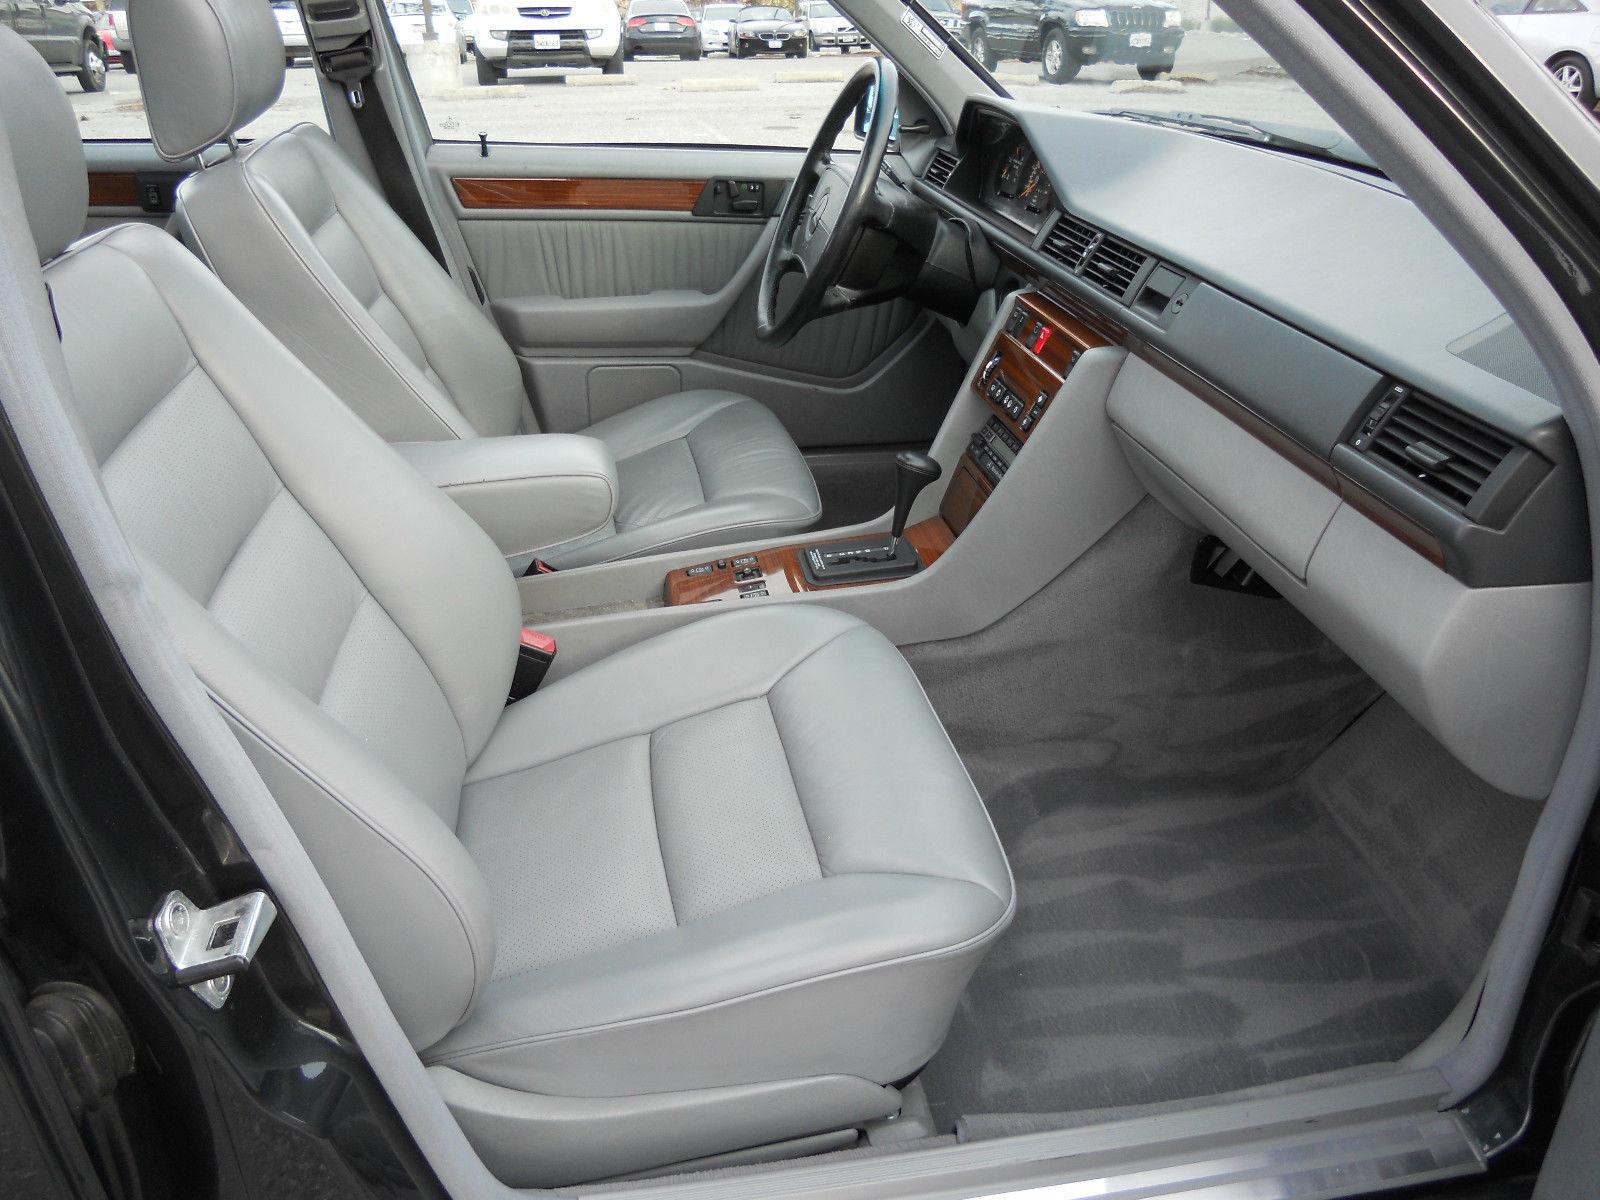 1991 Mercedes Benz 300e 4matic W124 71 400 Miles All Original No Reserve Classic Mercedes